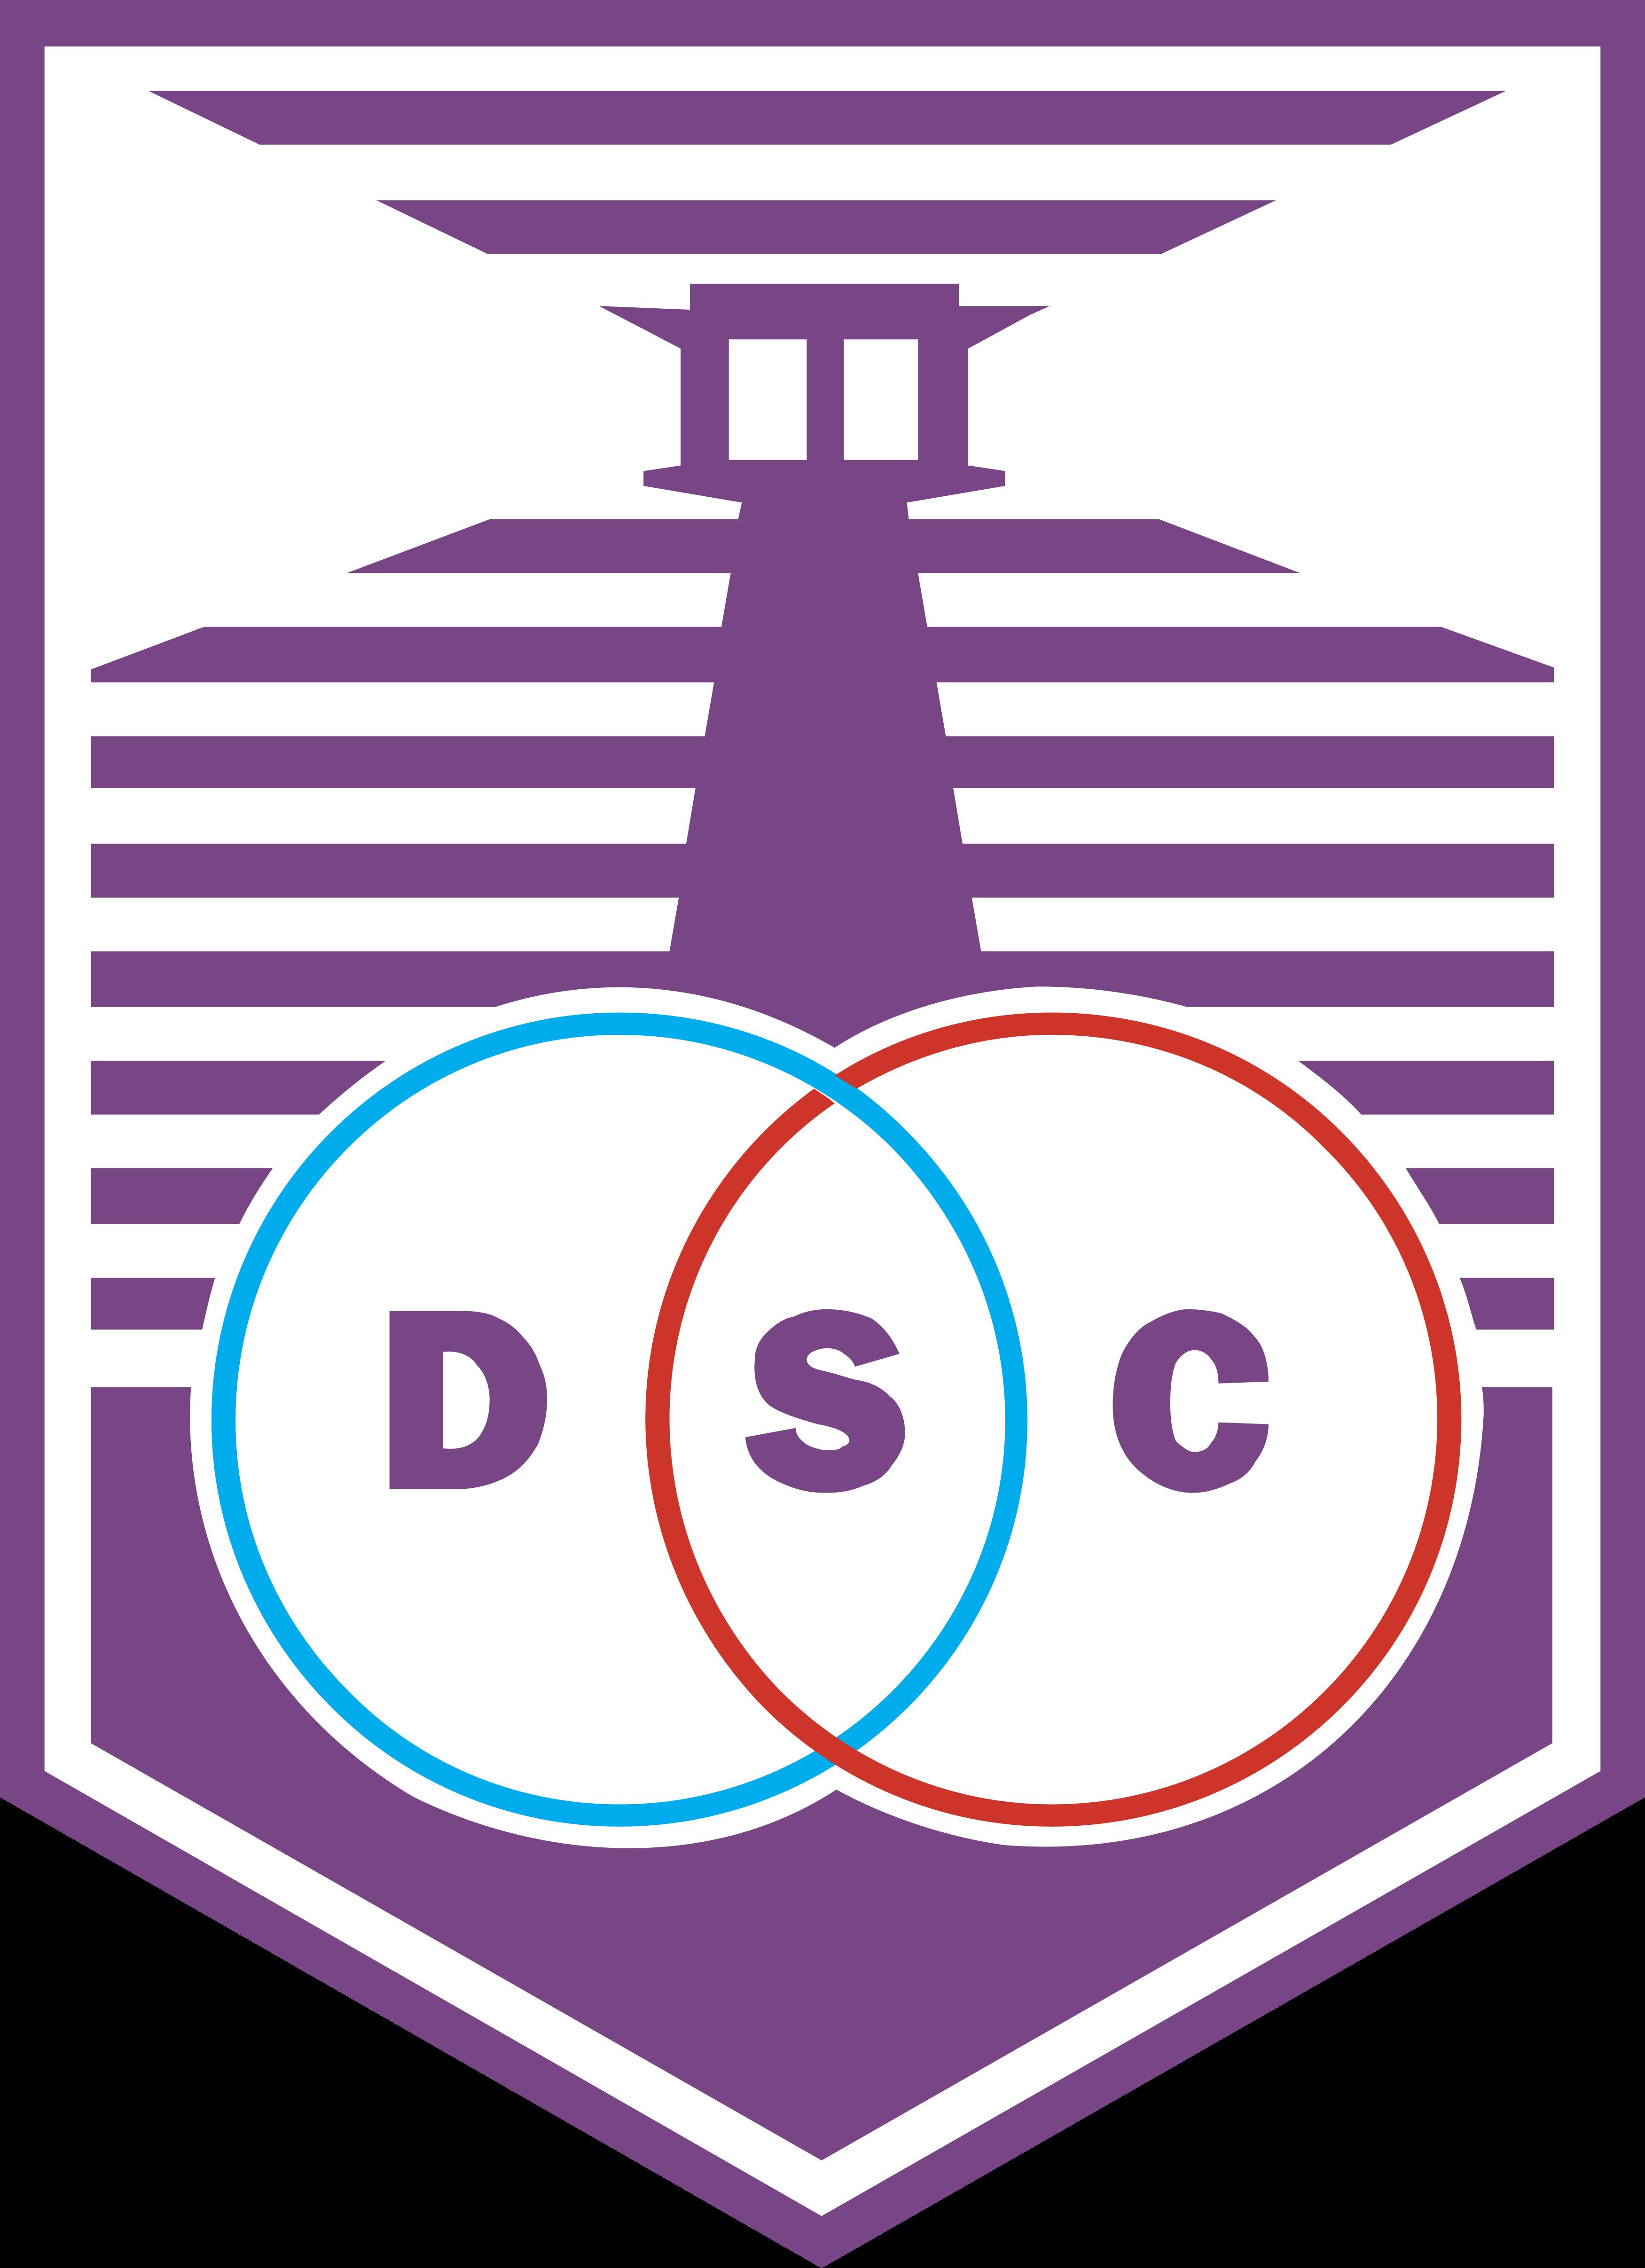 Defensor uruguai logo escudo.